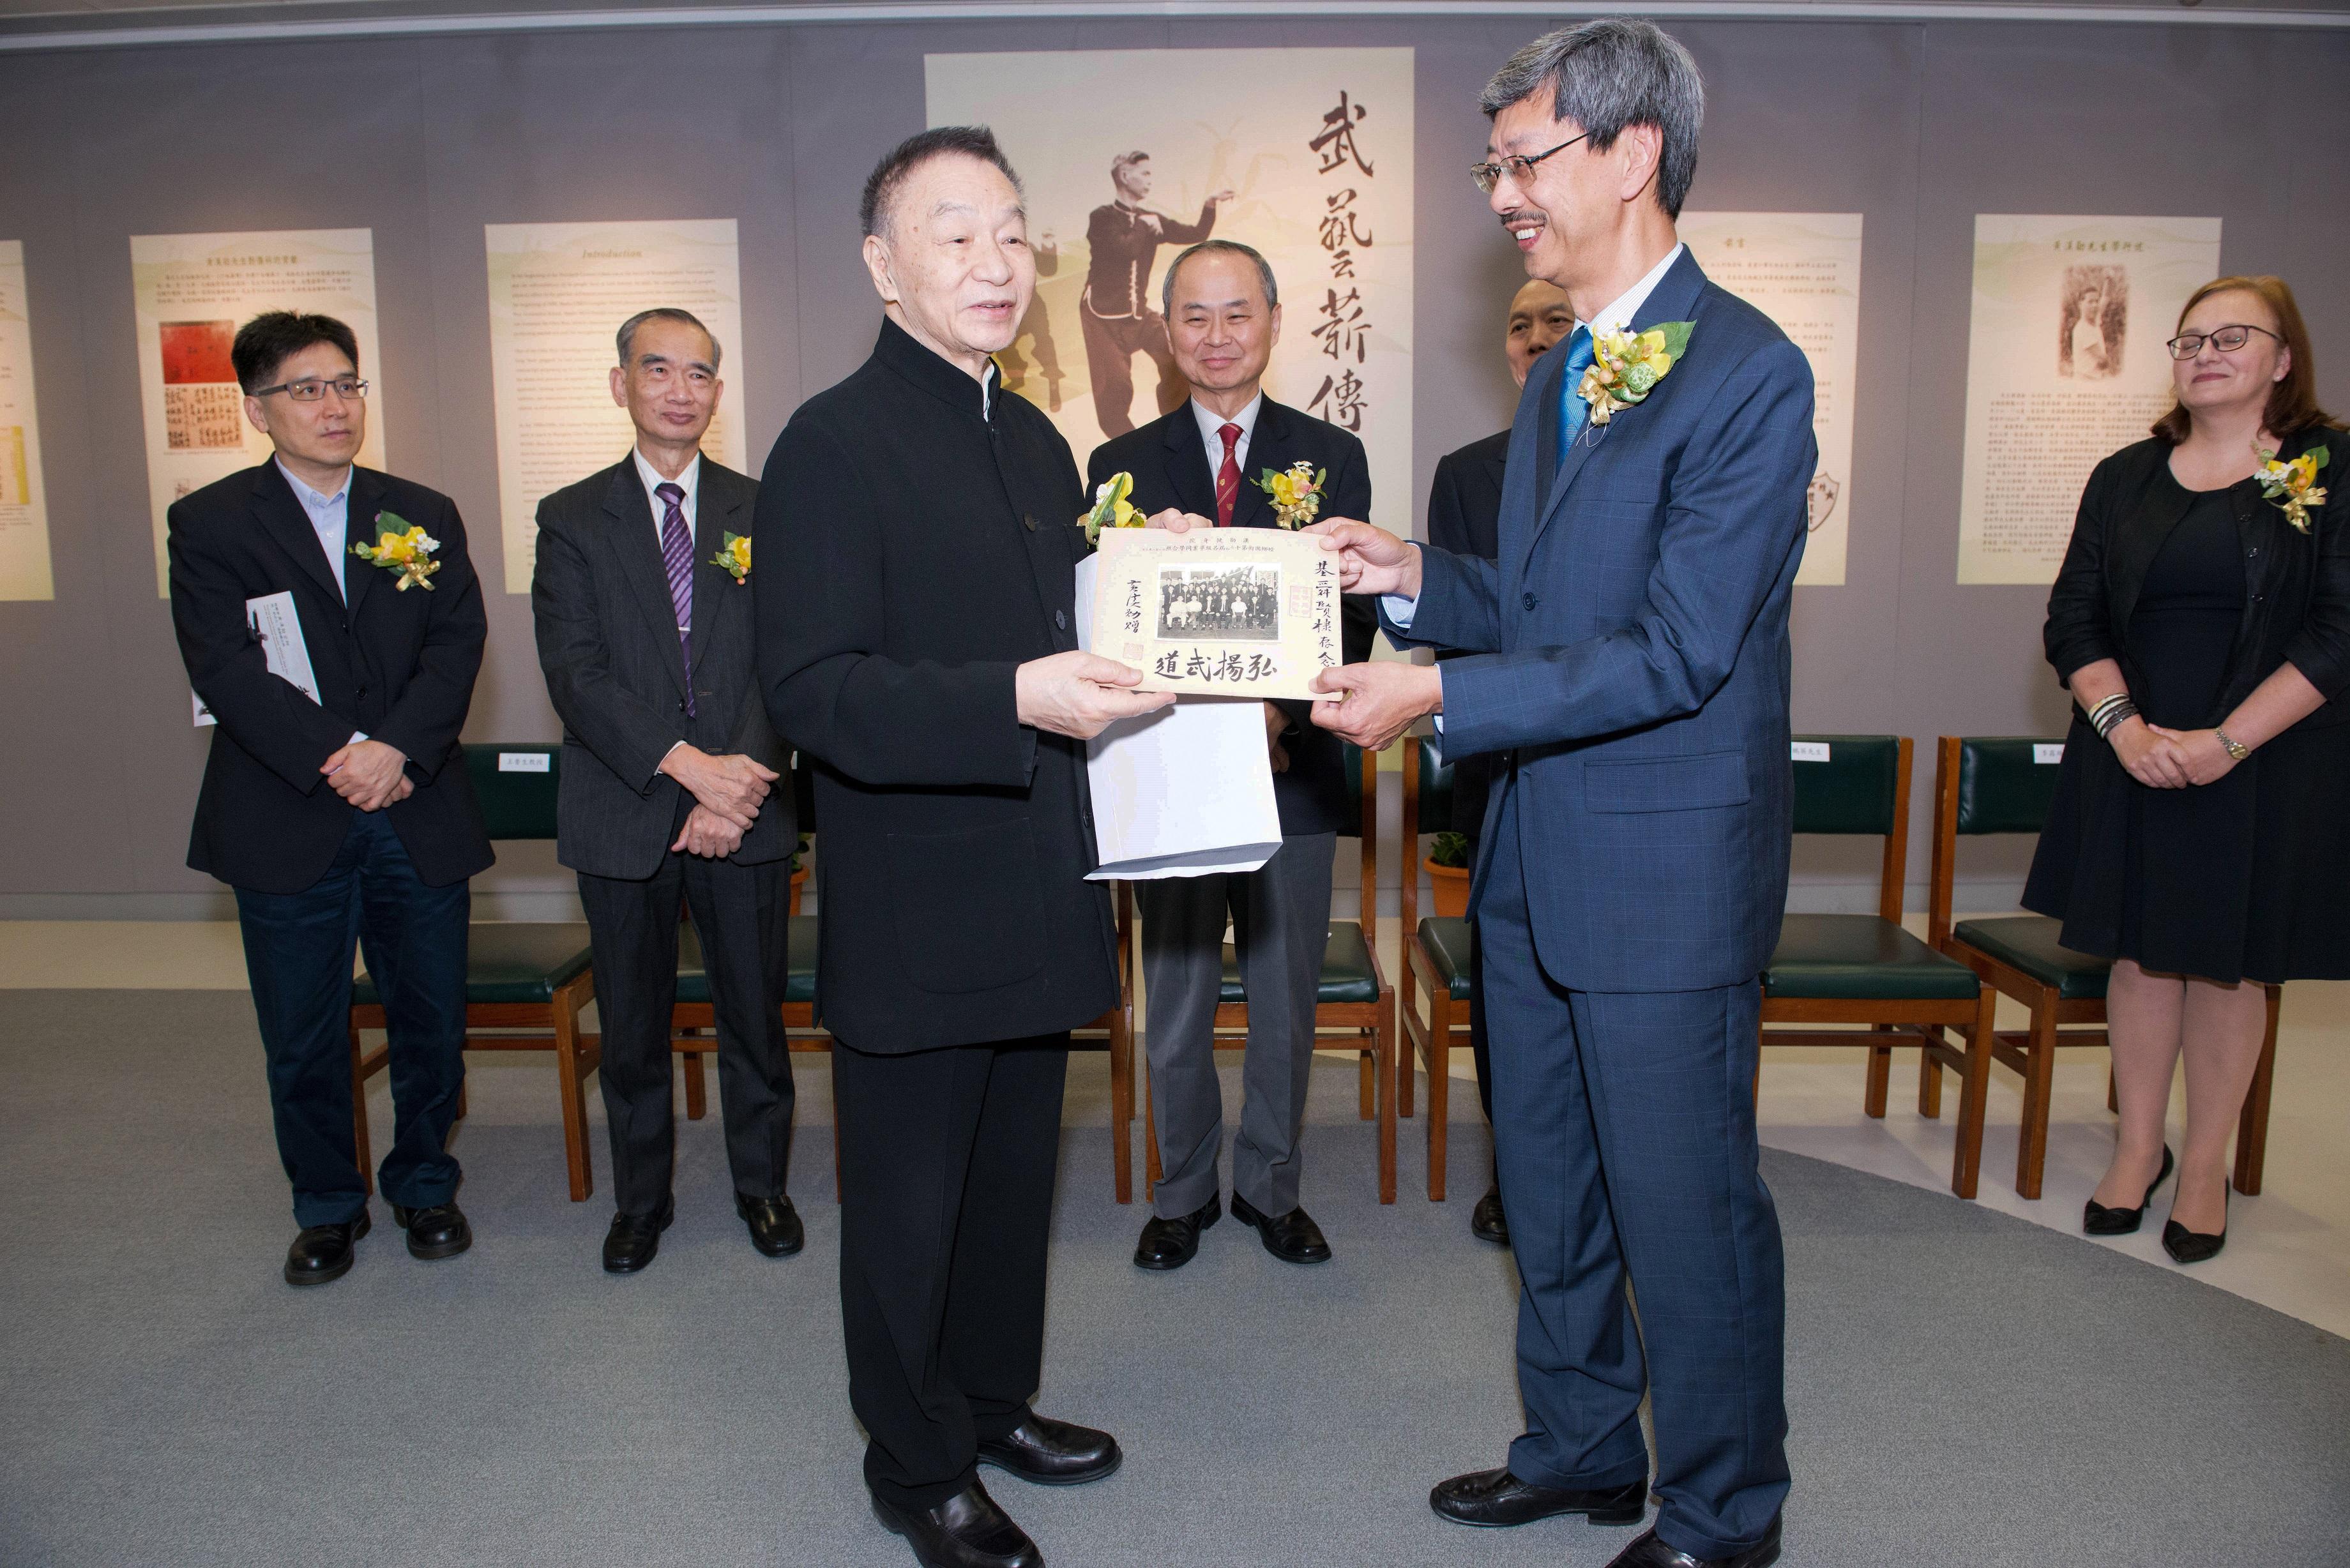 韋基舜先生致送黃漢勛先生的珍貴相片給黃鵬英先生